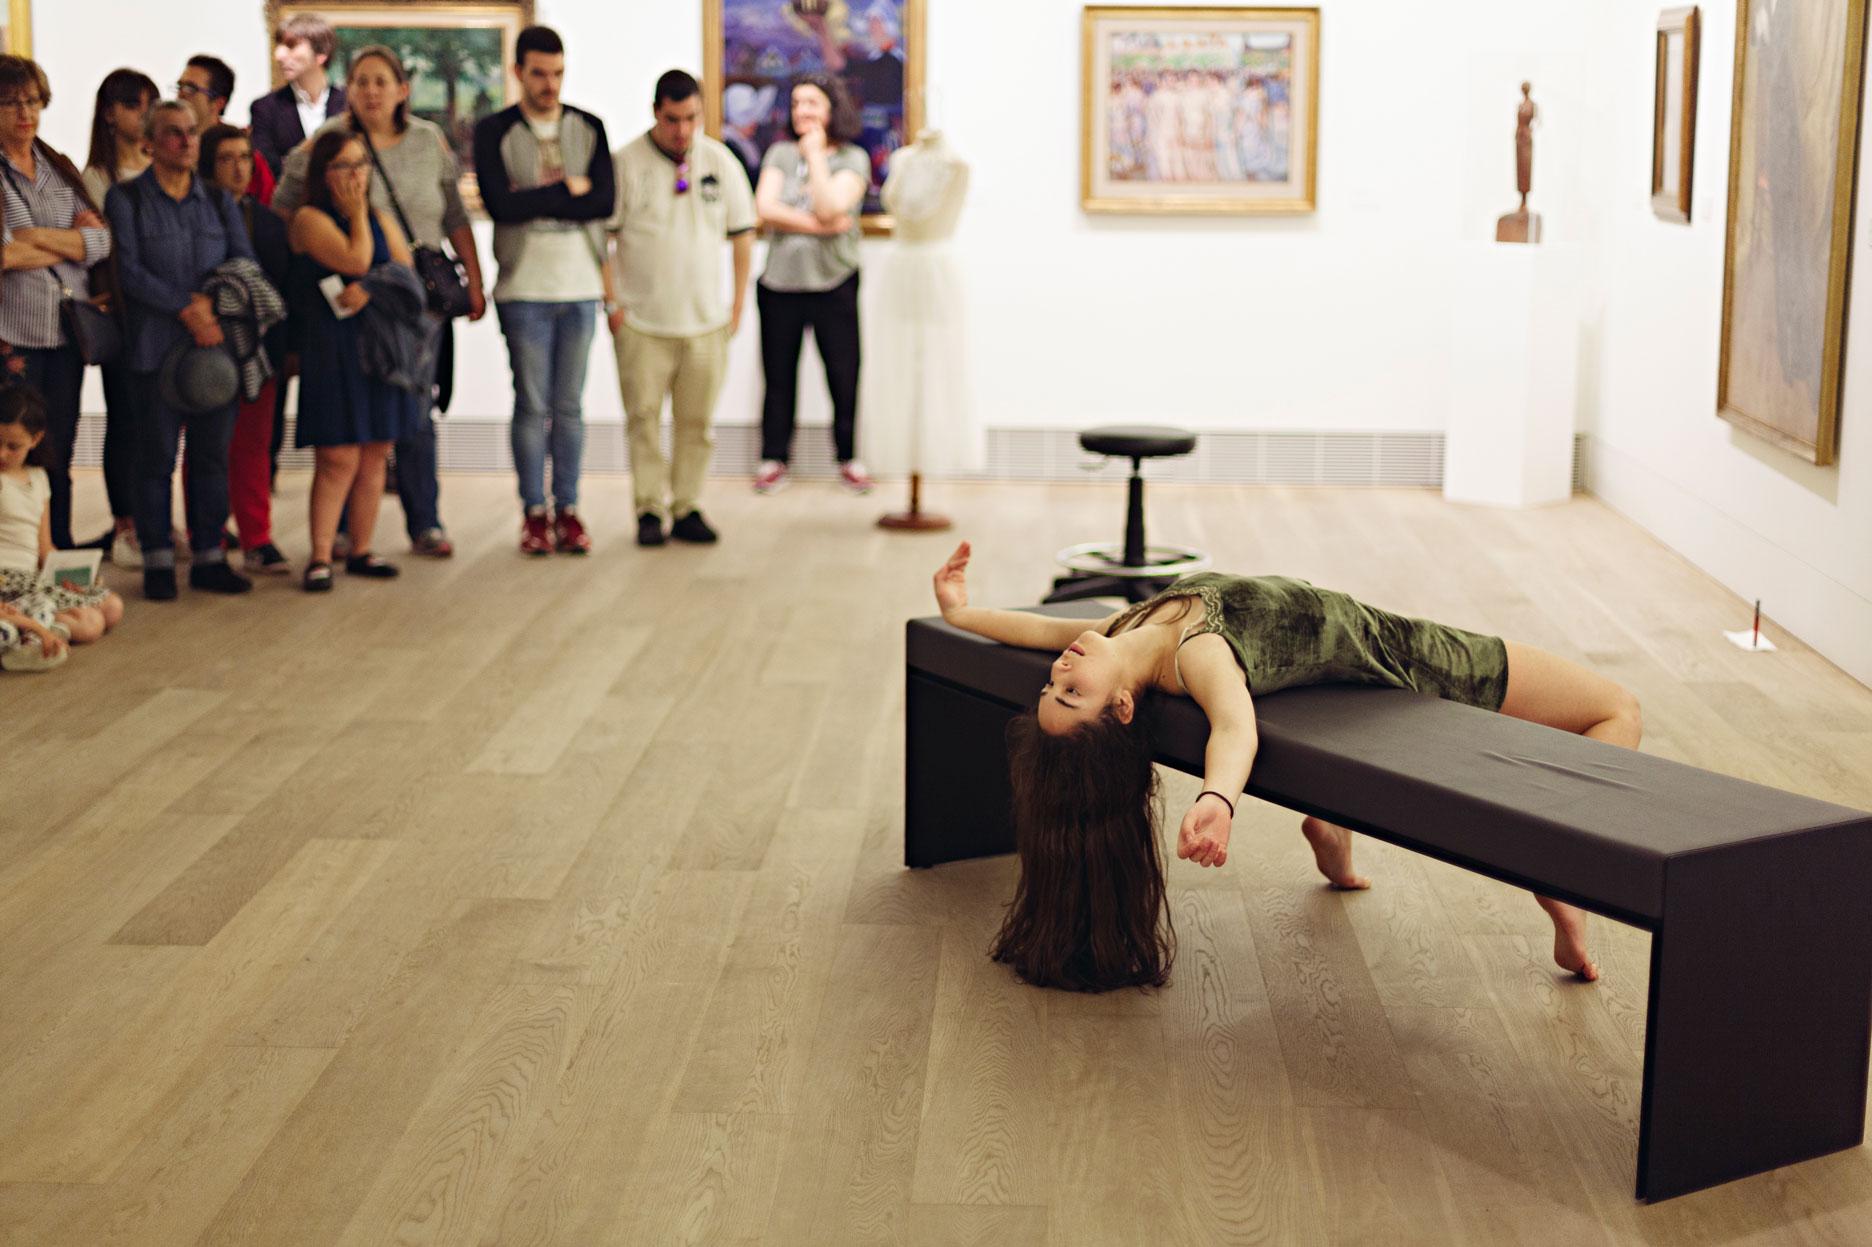 Espectáculo de danza contemporánea en Oviedo